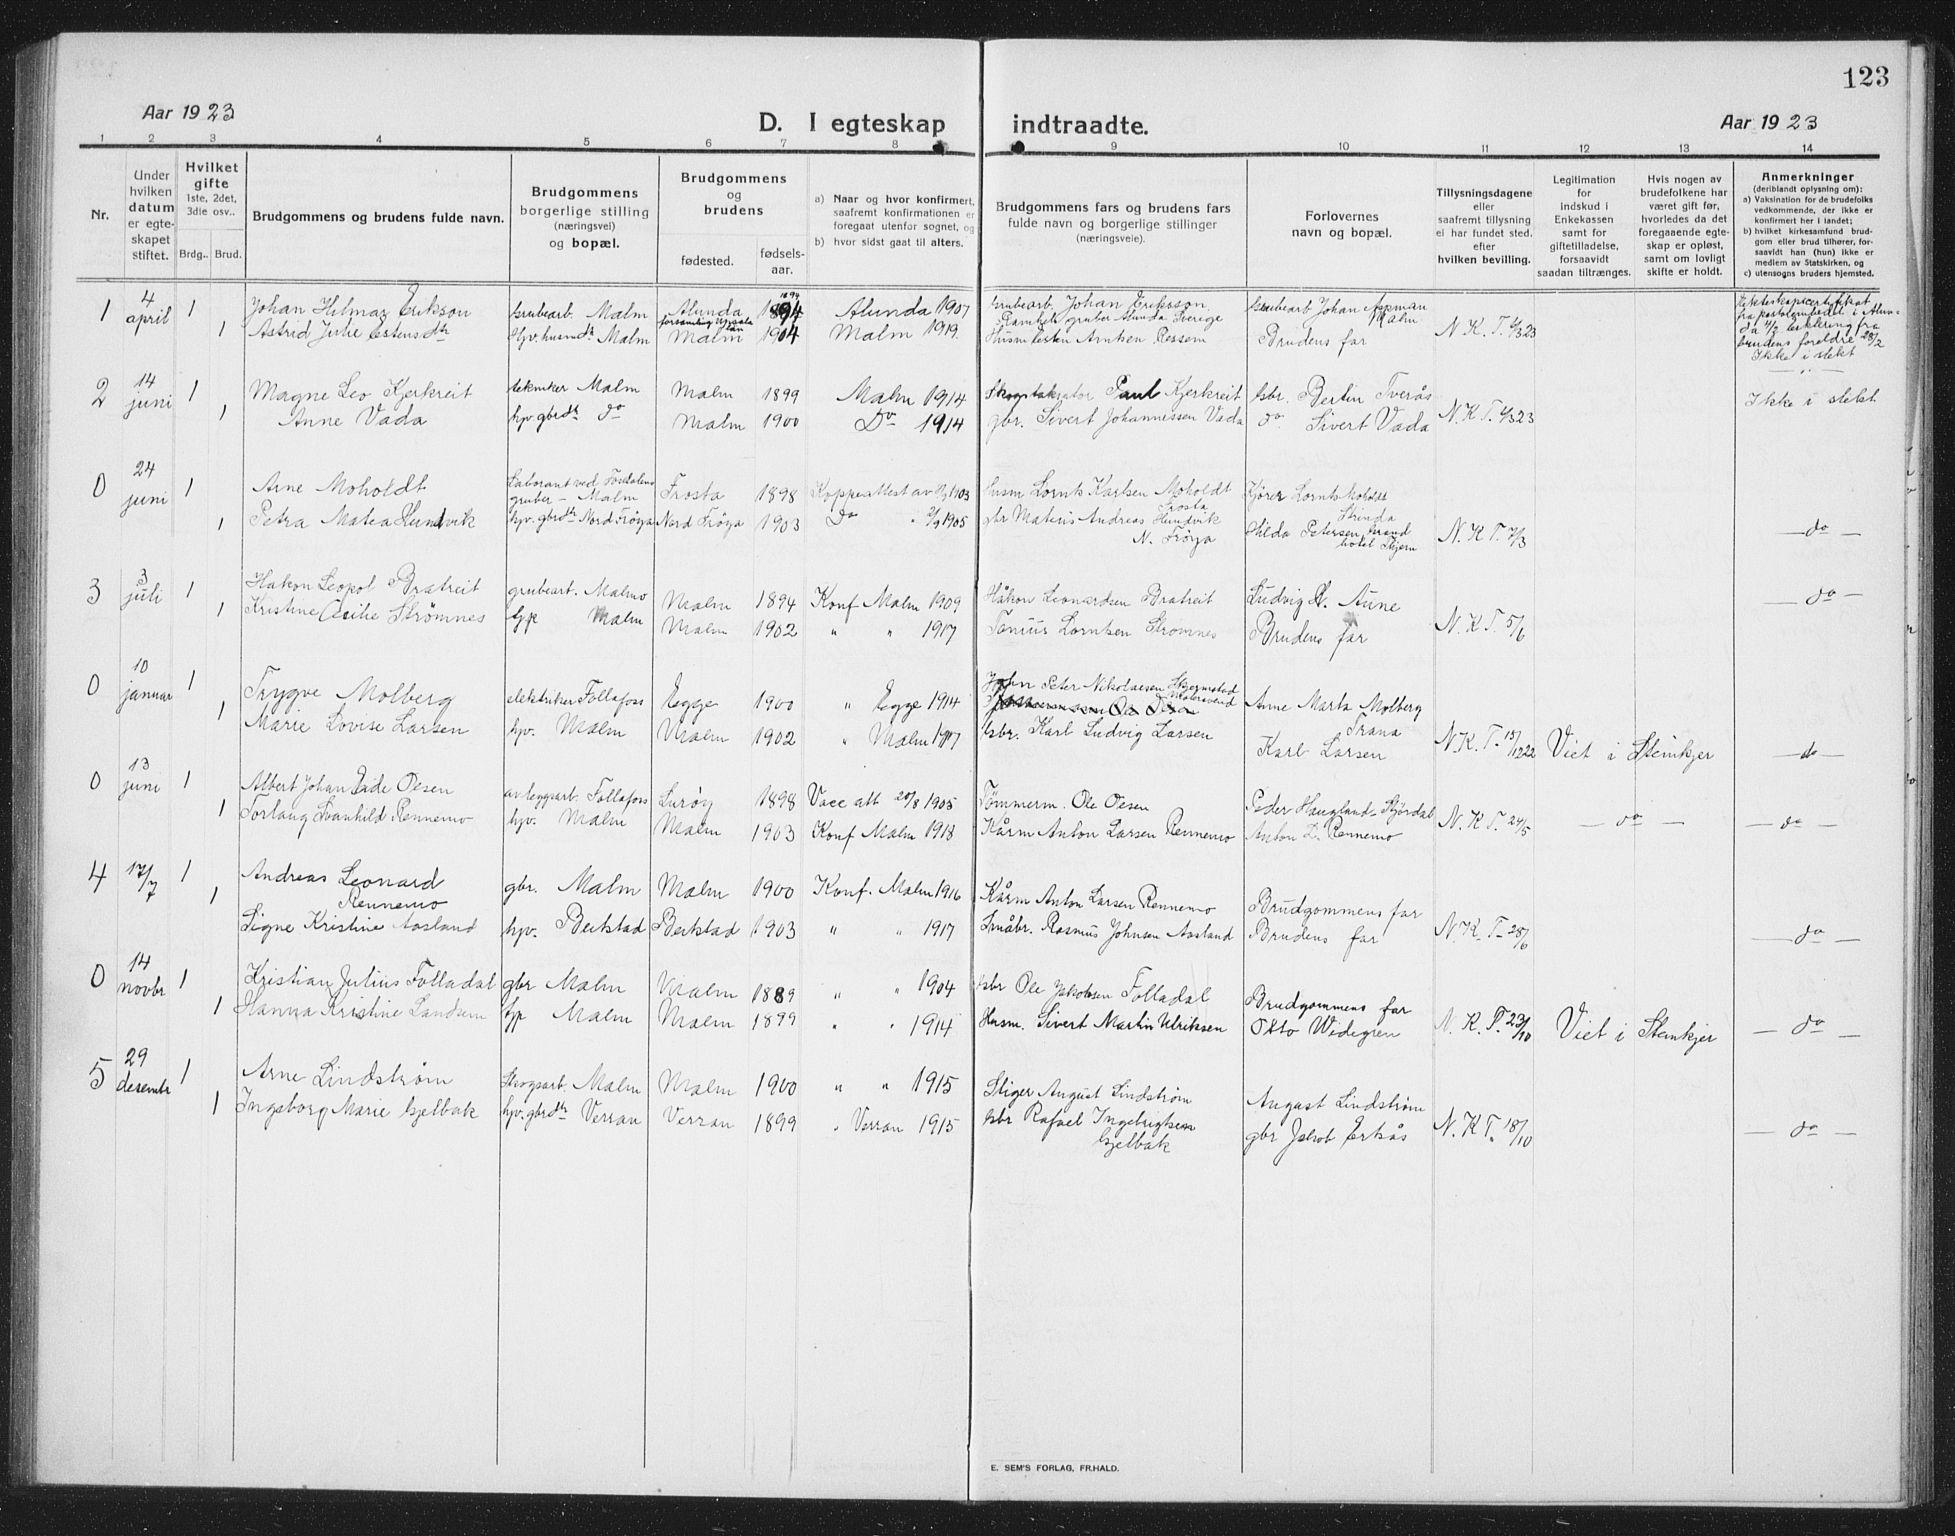 SAT, Ministerialprotokoller, klokkerbøker og fødselsregistre - Nord-Trøndelag, 745/L0434: Klokkerbok nr. 745C03, 1914-1937, s. 123